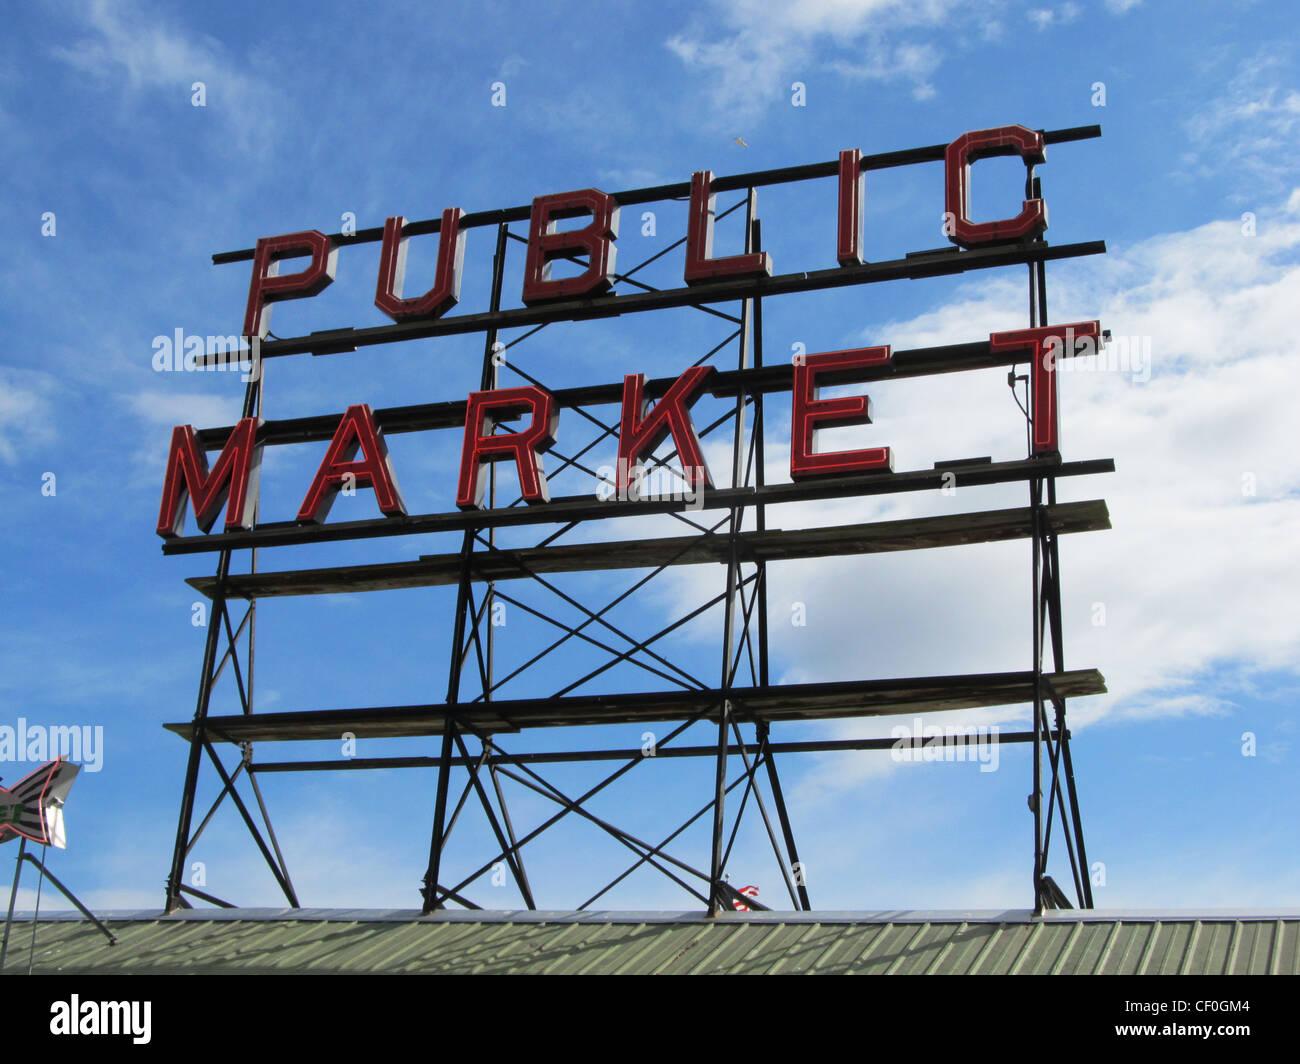 Signe pour le Pike Place Market, Seattle Washington avec fond de ciel bleu. Photo Stock